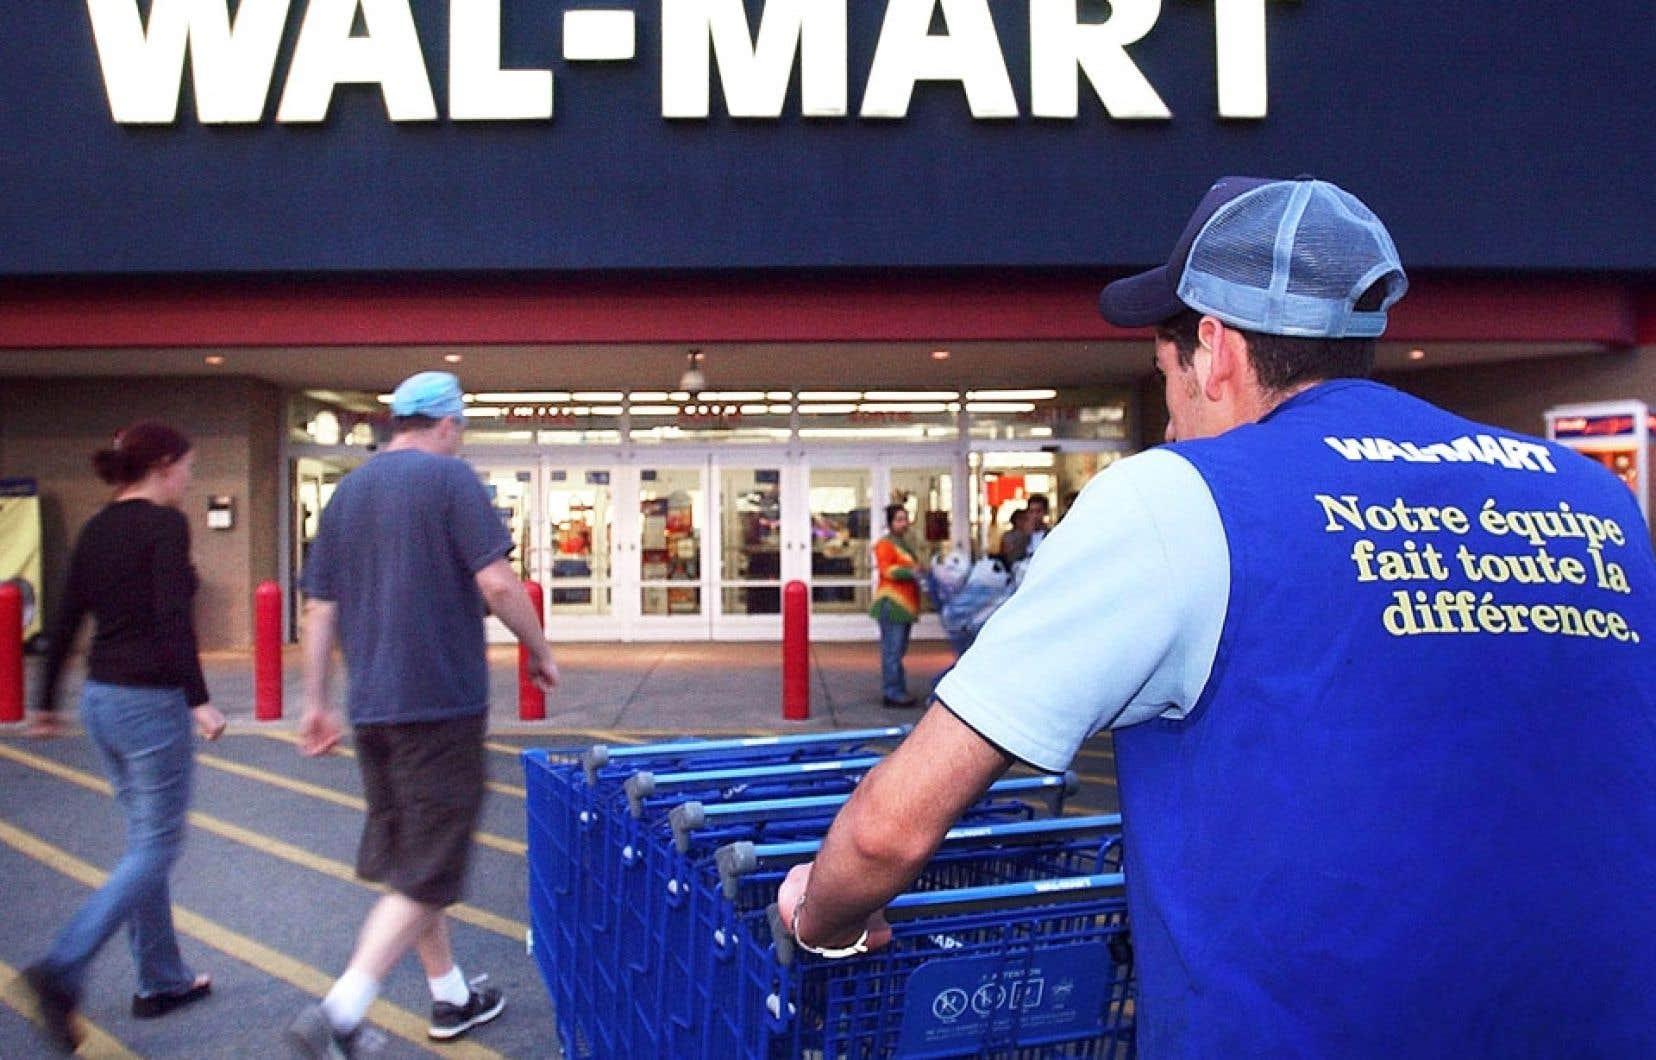 L'arrêt de la Cour suprême du Canada intéresse non seulement les ex-salariés du Wal-Mart en question, mais plus largement l'ensemble des travailleurs syndiqués régis par le Code du travail du Québec.